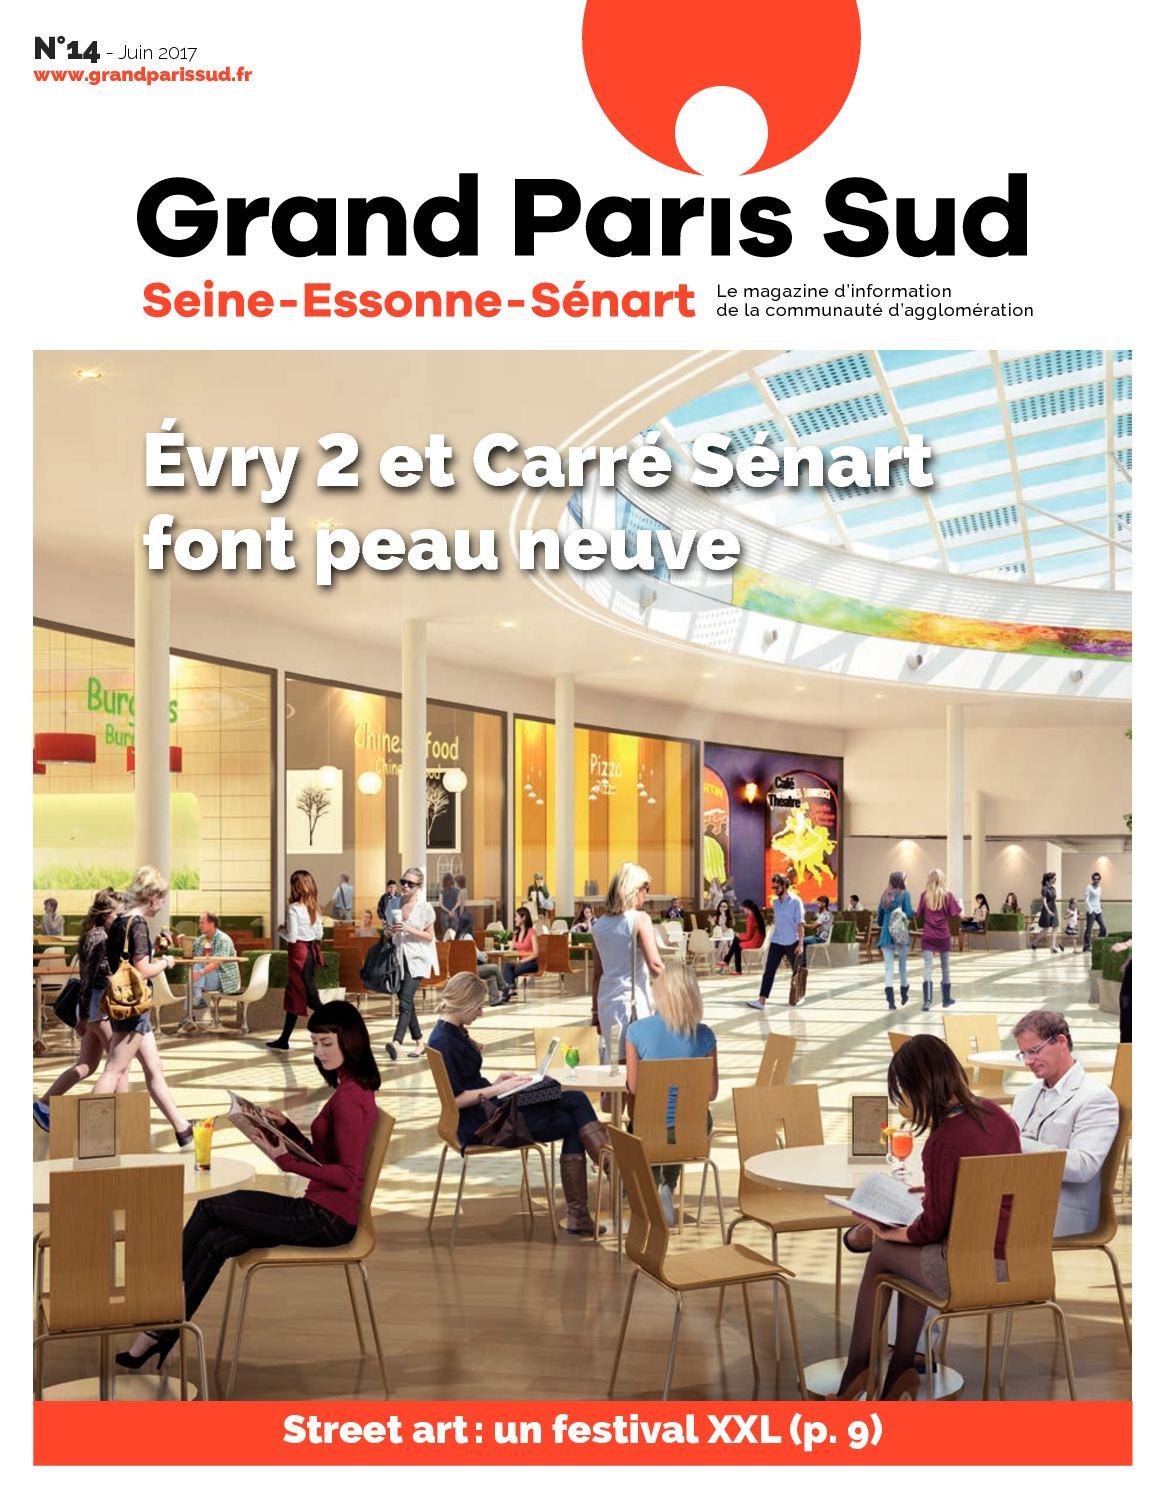 eb88463b64bc0 Calaméo - Journal Juin 2017 Grand Paris Sud